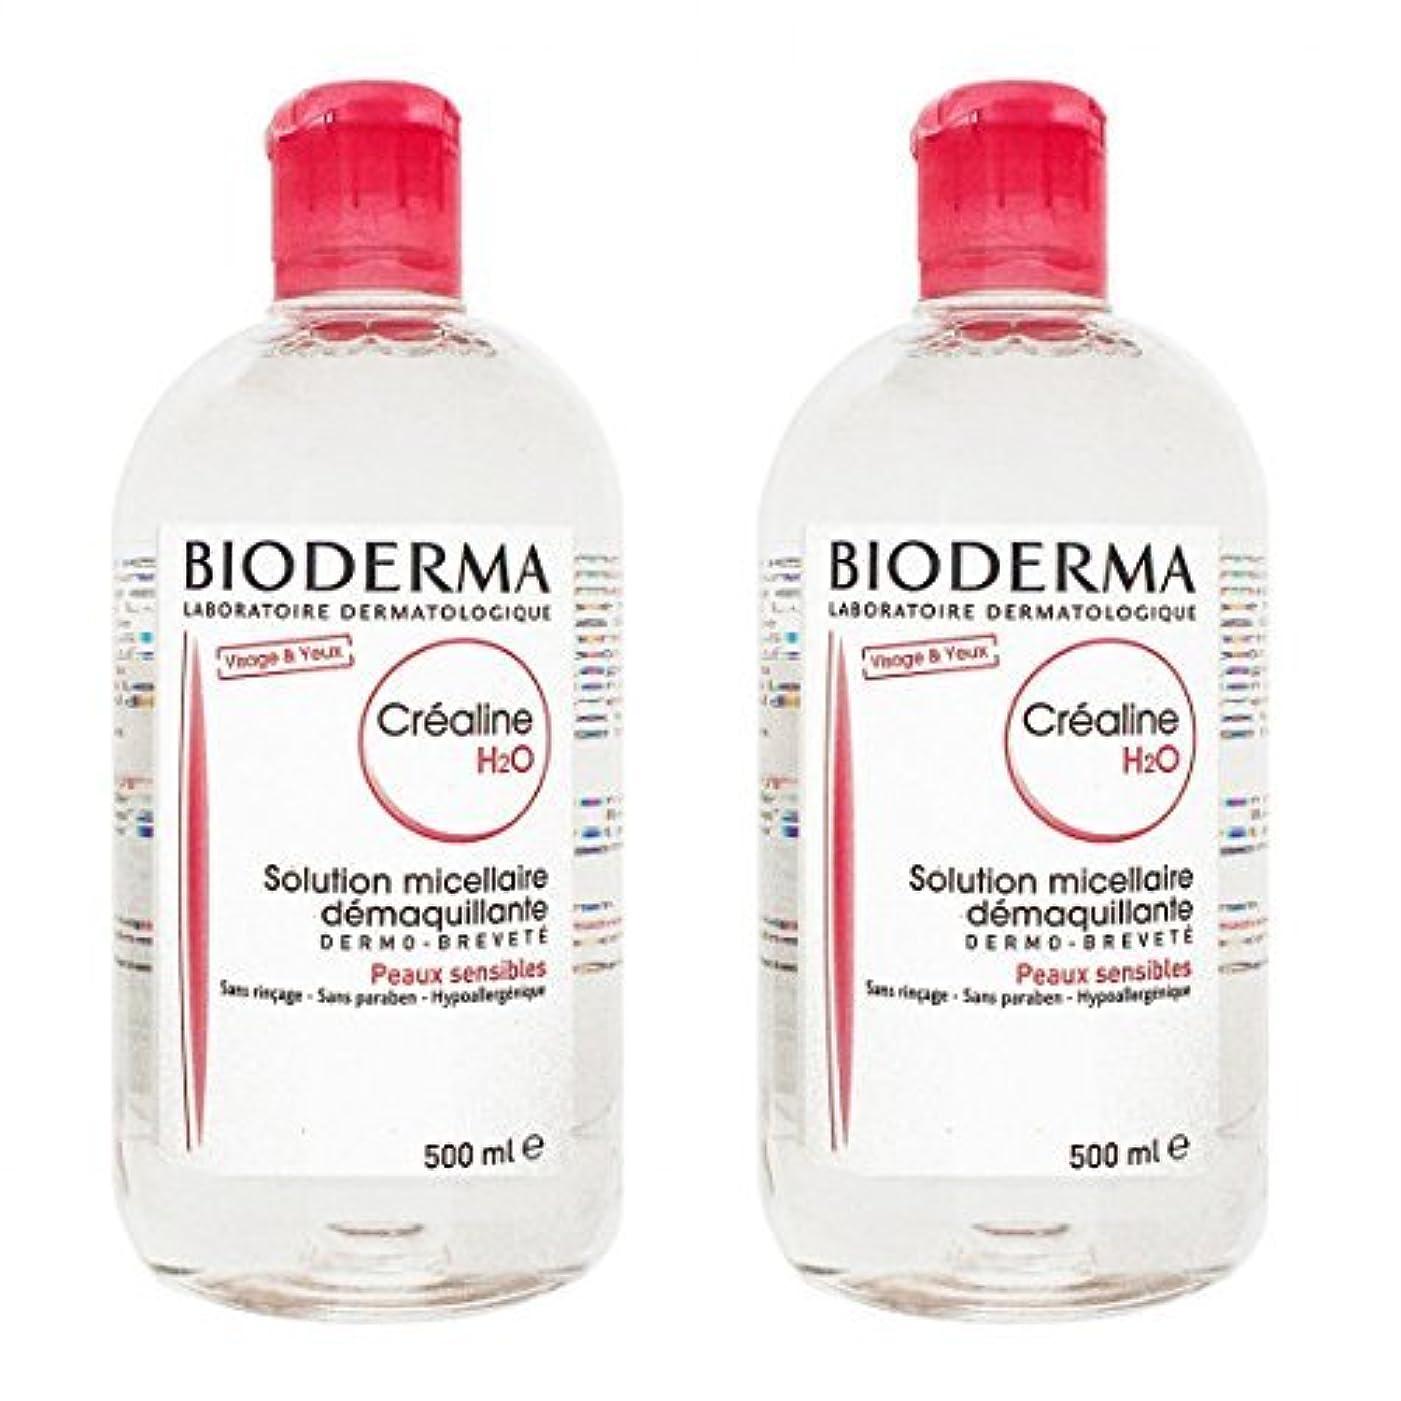 ふける限られた粘液ビオデルマ(BIODERMA) サンシビオ H2O (エイチ ツーオー) D 500ml 2本セット[並行輸入品]